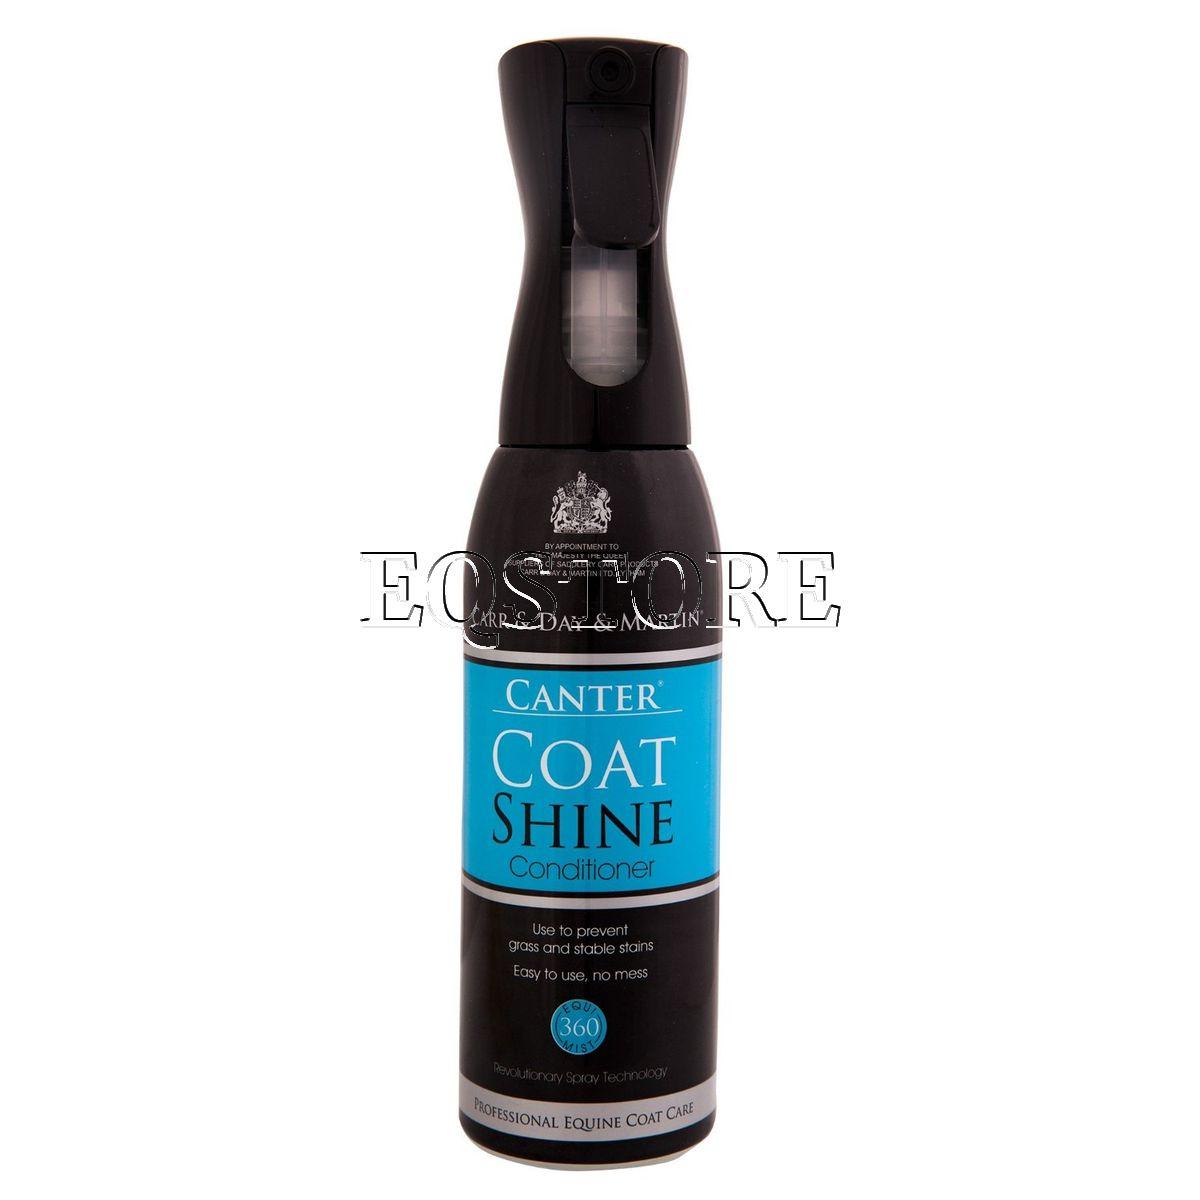 Canter Coat Shine Conditioner (Кондиционер для придания блеска)